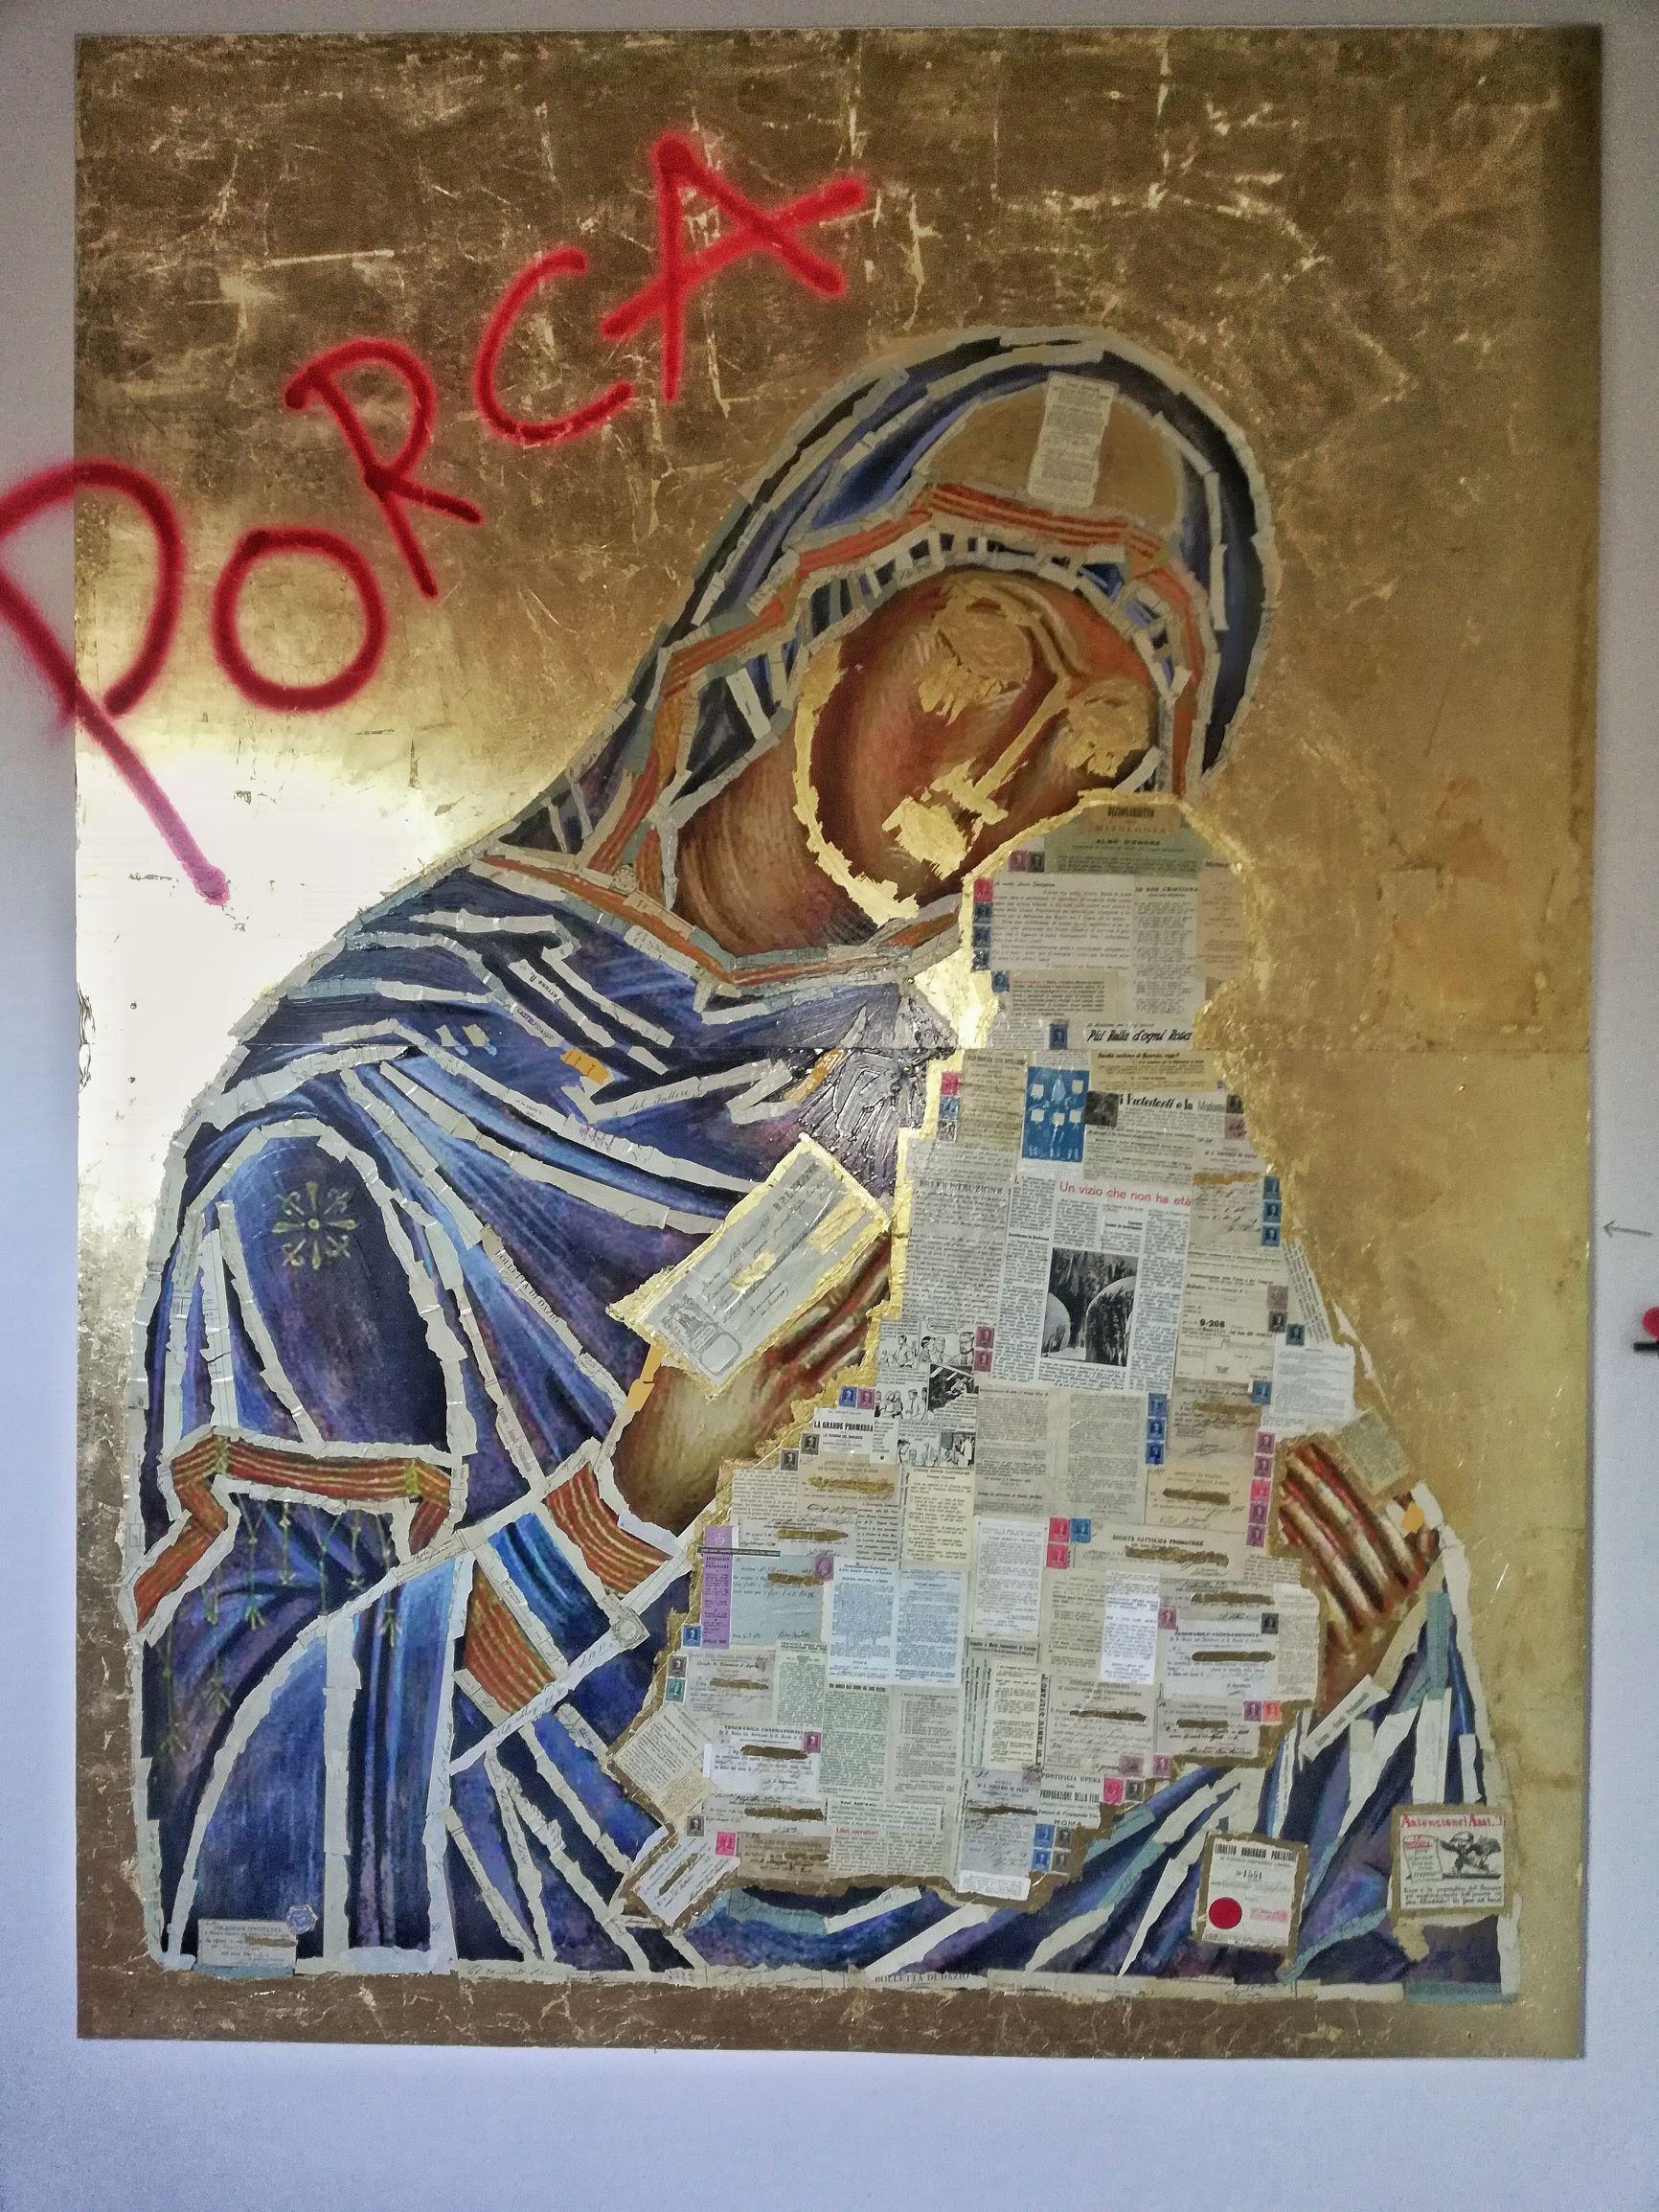 """Arcevia, la Madonna """"porca"""" dell'artista Alt è ritenuta blasfema e viene fatta rimuovere da mostra"""